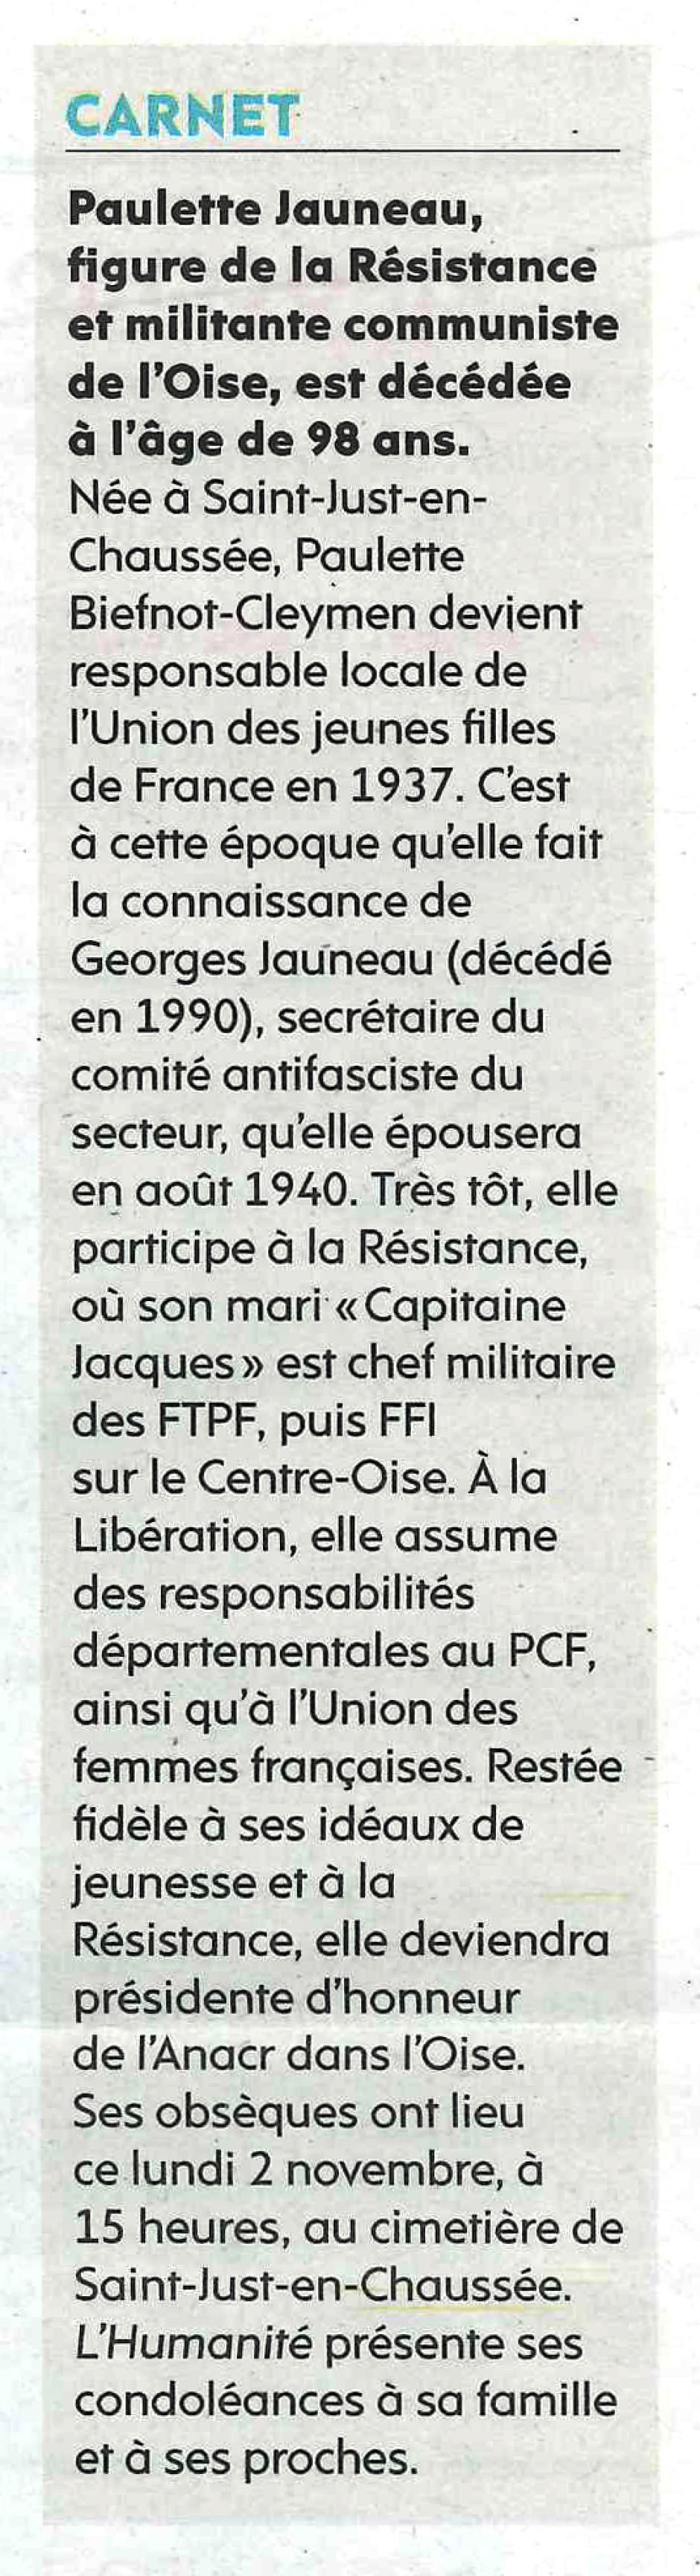 20201102-L'Huma-Oise-Paulette Jauneau, figure de la Résistance et militante communiste, est décédée à l'âge de 98 ans